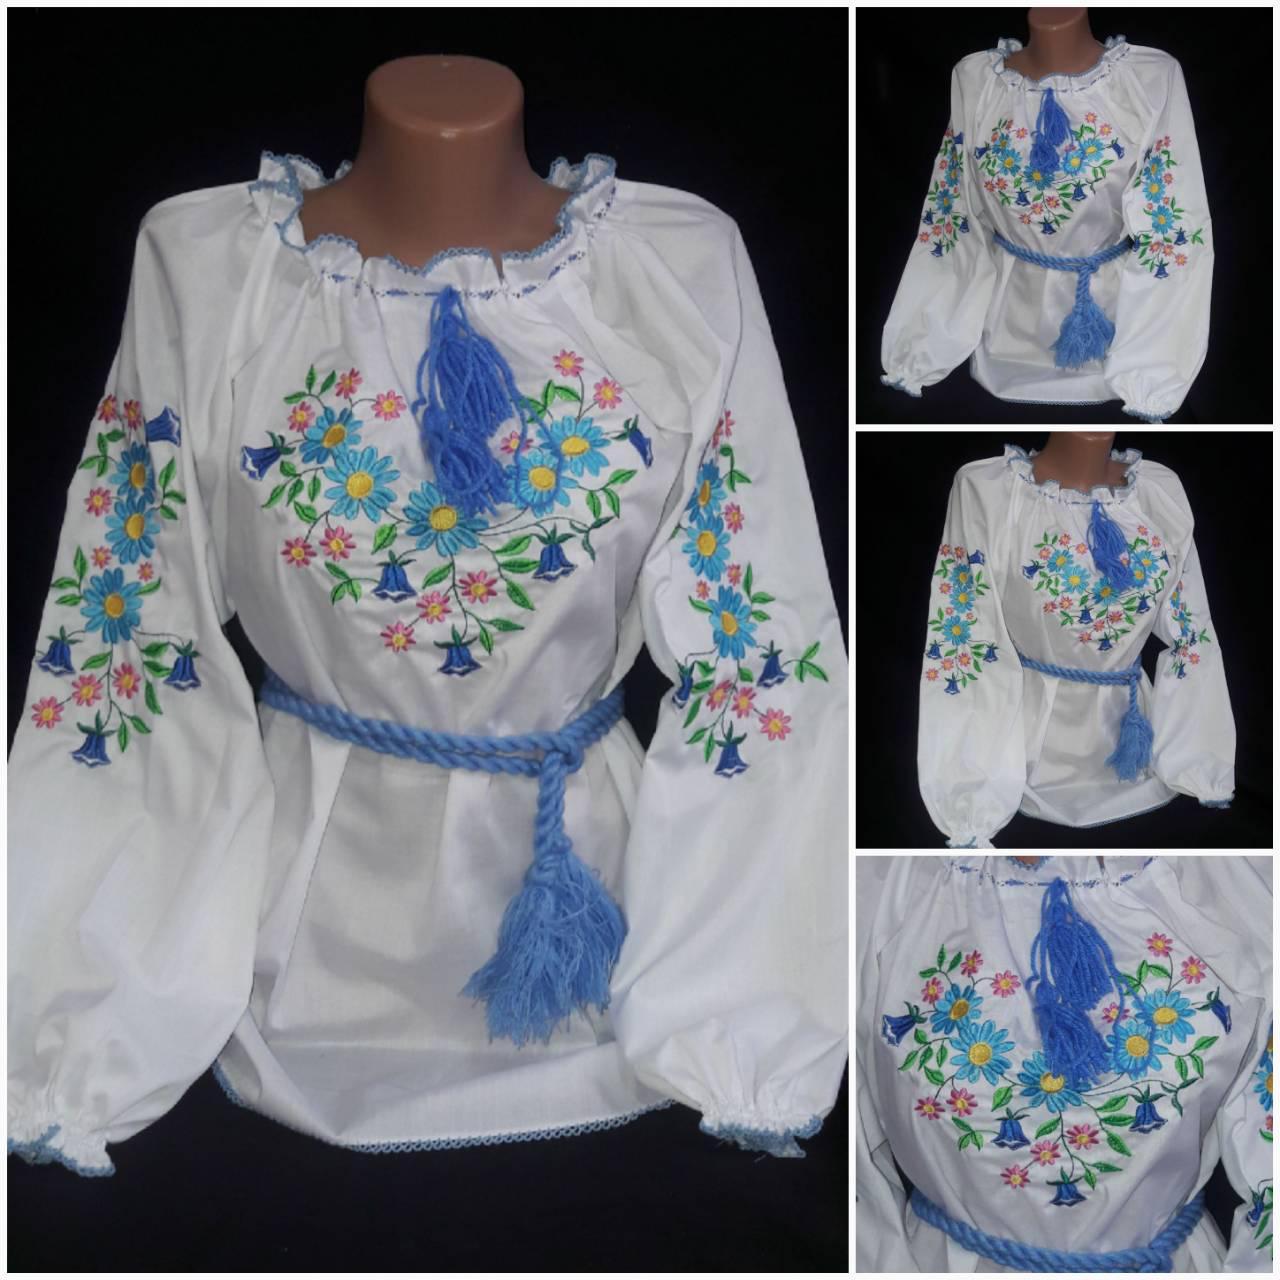 Нарядная детская блуза с вышивкой  на поплине, рост 98-134 см, 220/190 (цена за 1 шт. + 30 гр.)